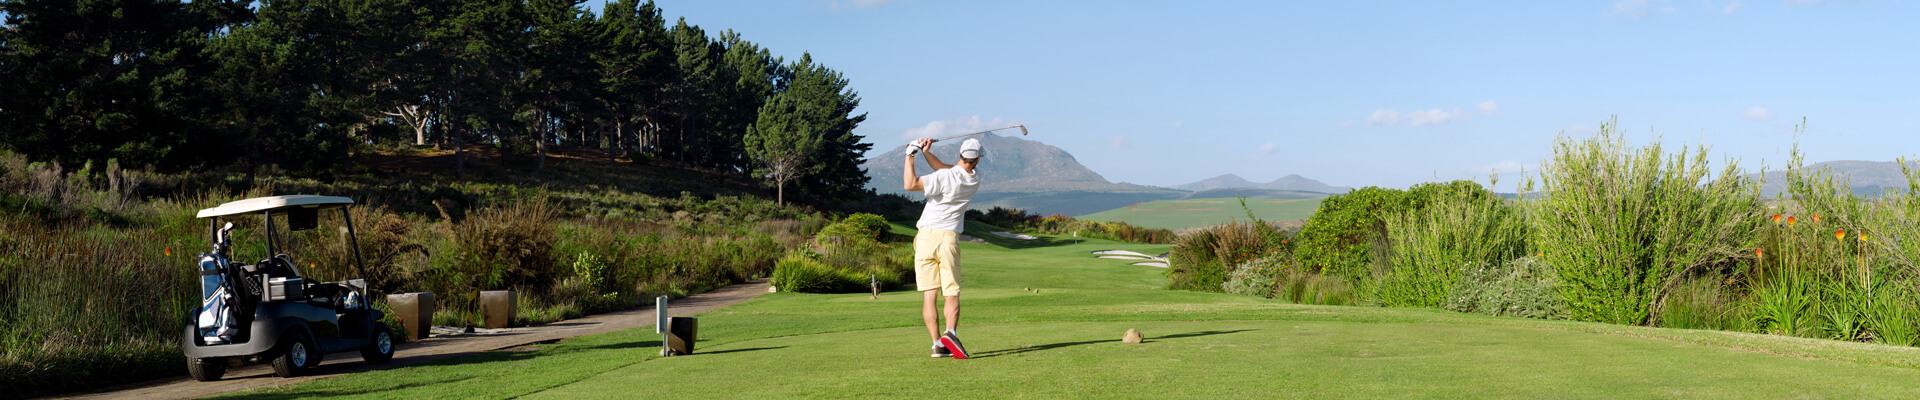 Mallorca bietet alles, was den Golf-Sport so schön macht. Abwechslungsreiche Golfplätze, hervorragende Trainingsmöglichkeiten, professionelle Golftrainer   alltours Reiseblog